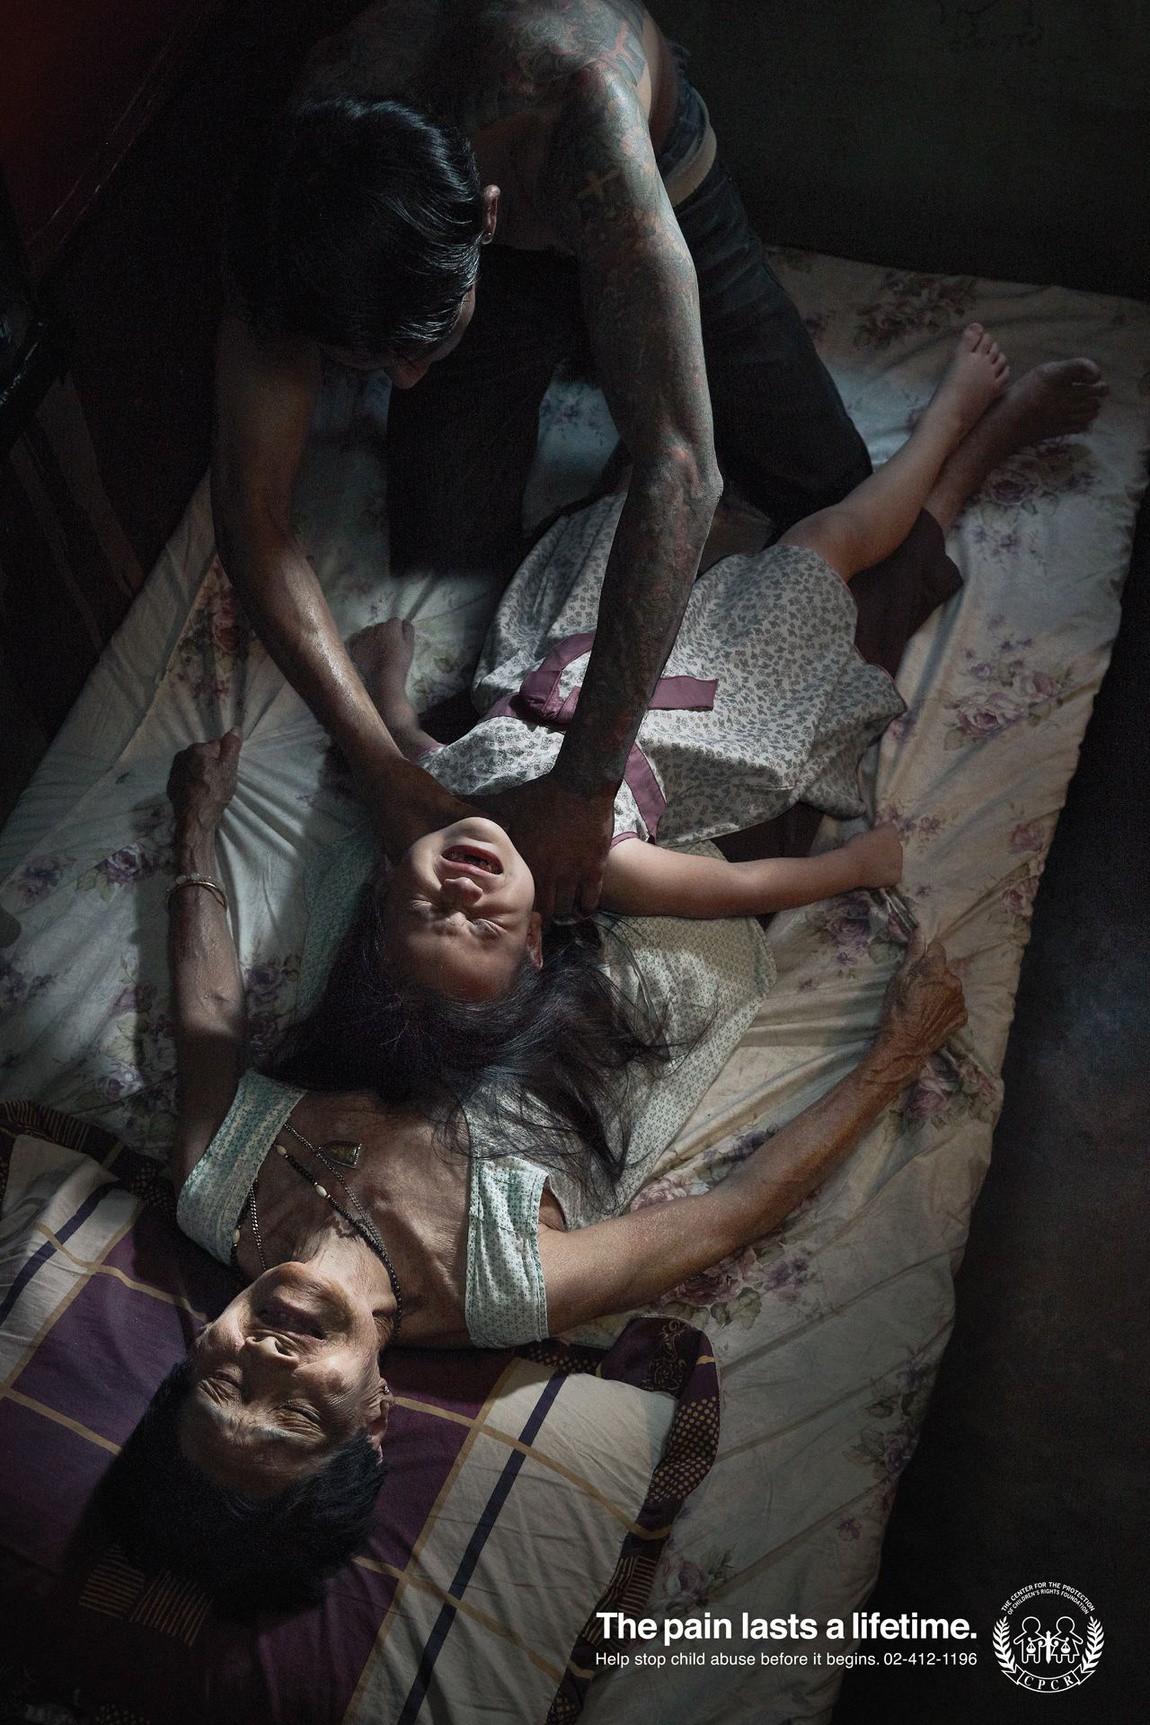 Nỗi đau theo suốt một đời - bộ ảnh phòng chống lạm dụng trẻ em từng gây chấn động MXH Thái Lan - Ảnh 4.